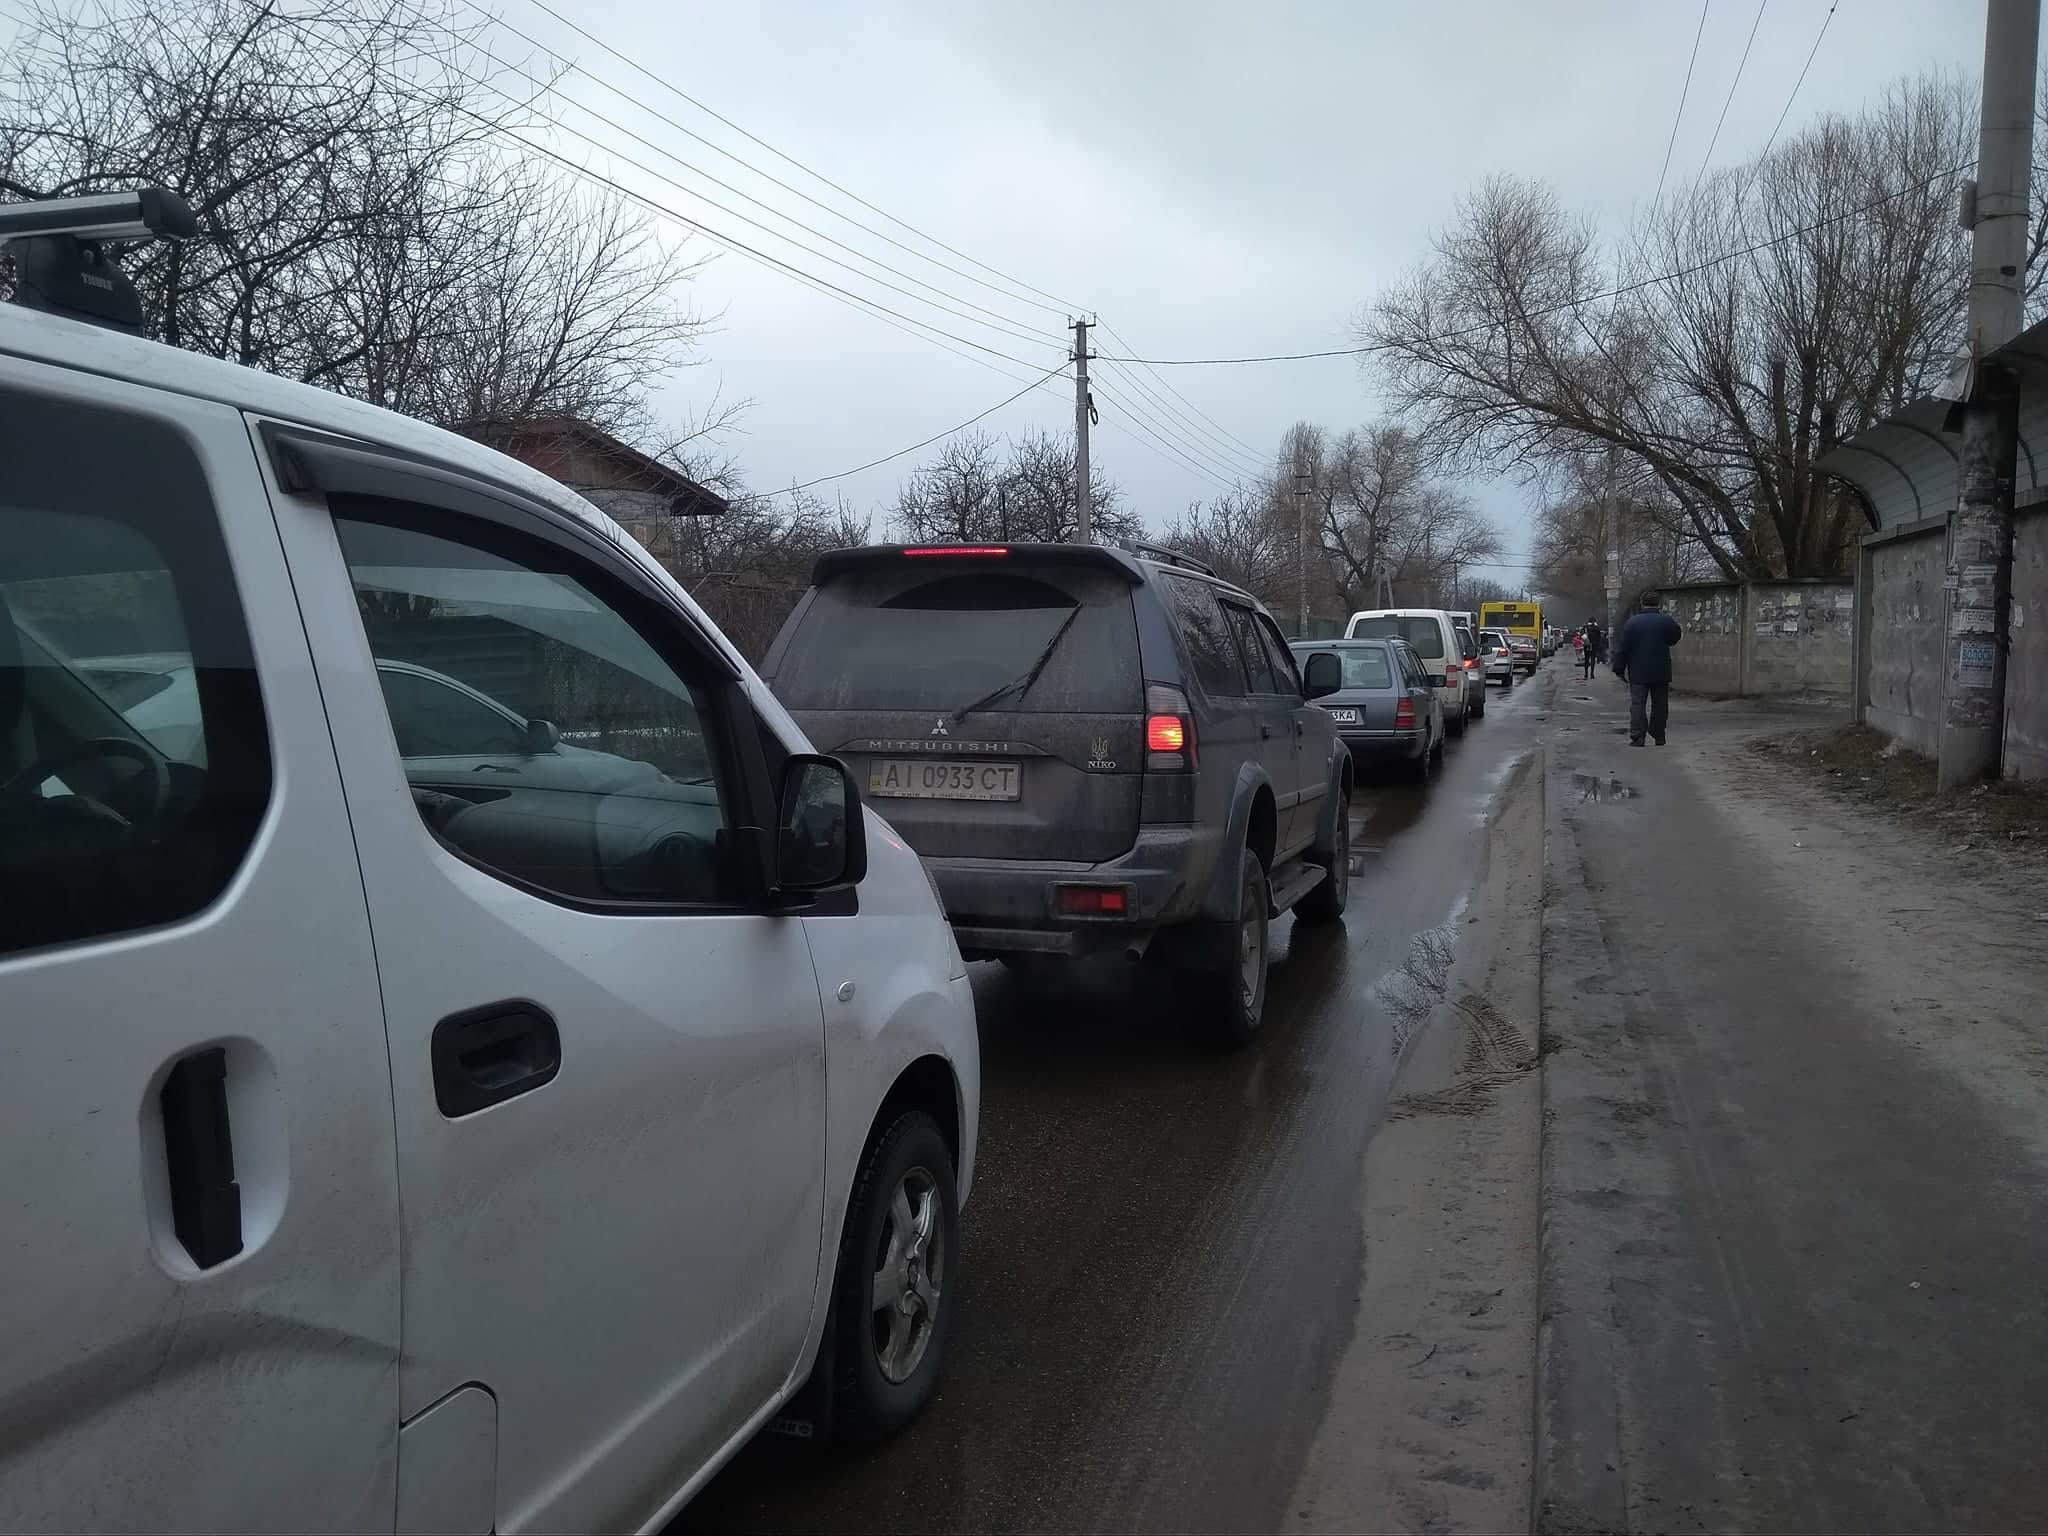 Из-за перекрытия образовалась огромная пробка по улице Центральной